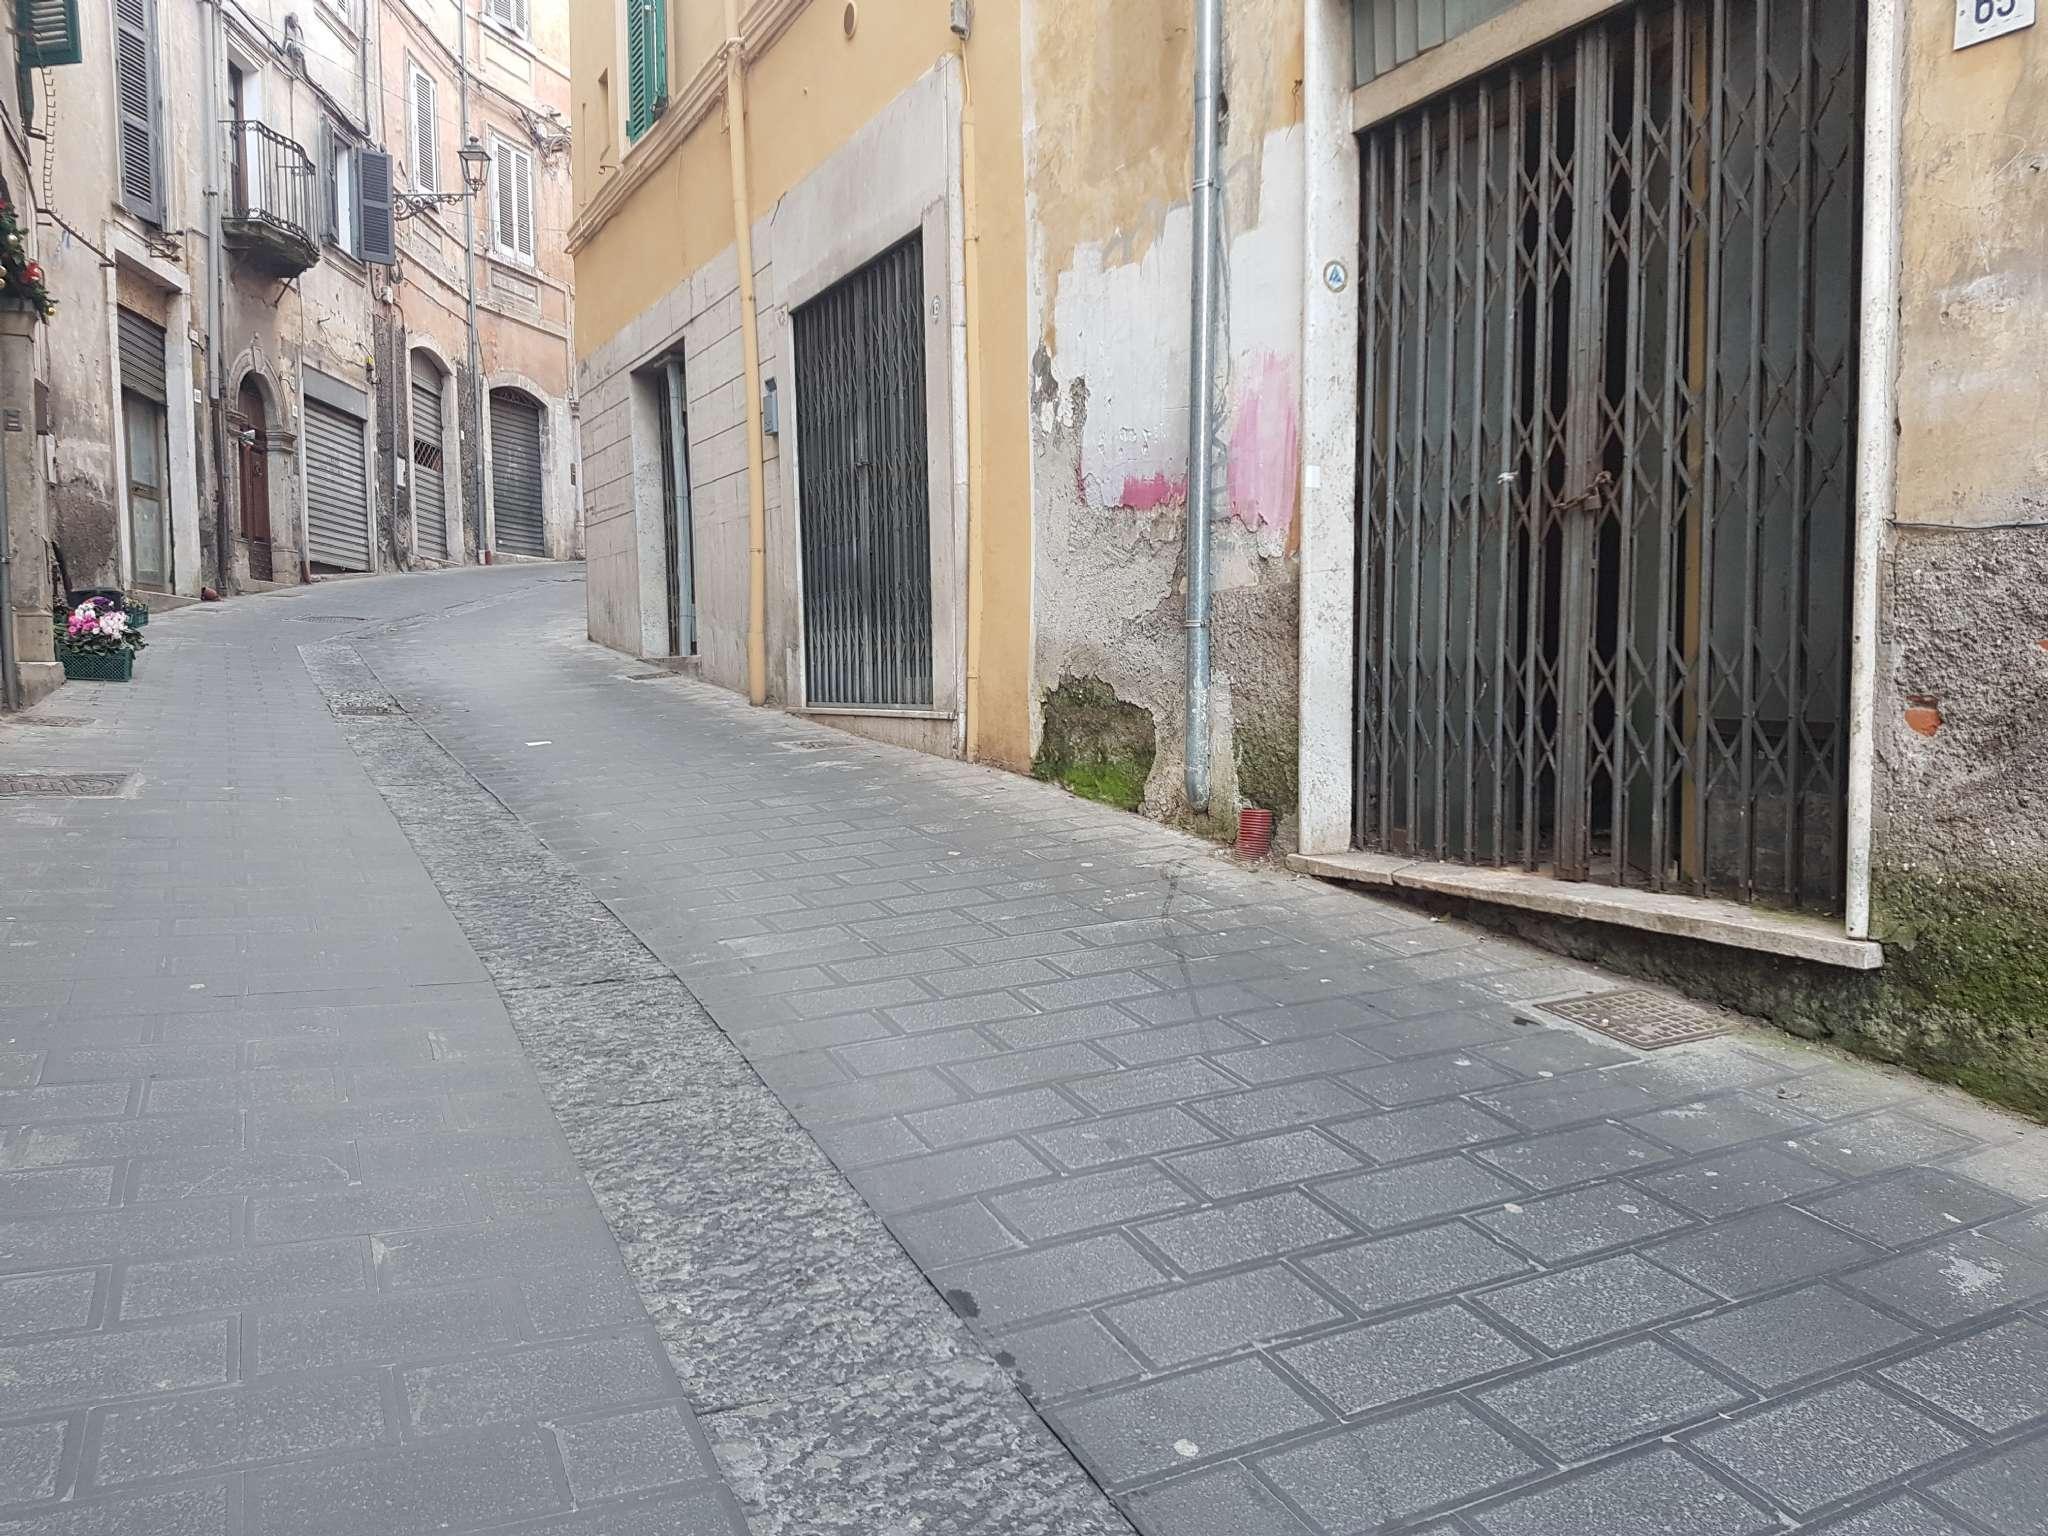 Negozio / Locale in vendita a Frosinone, 9999 locali, prezzo € 22.000 | CambioCasa.it